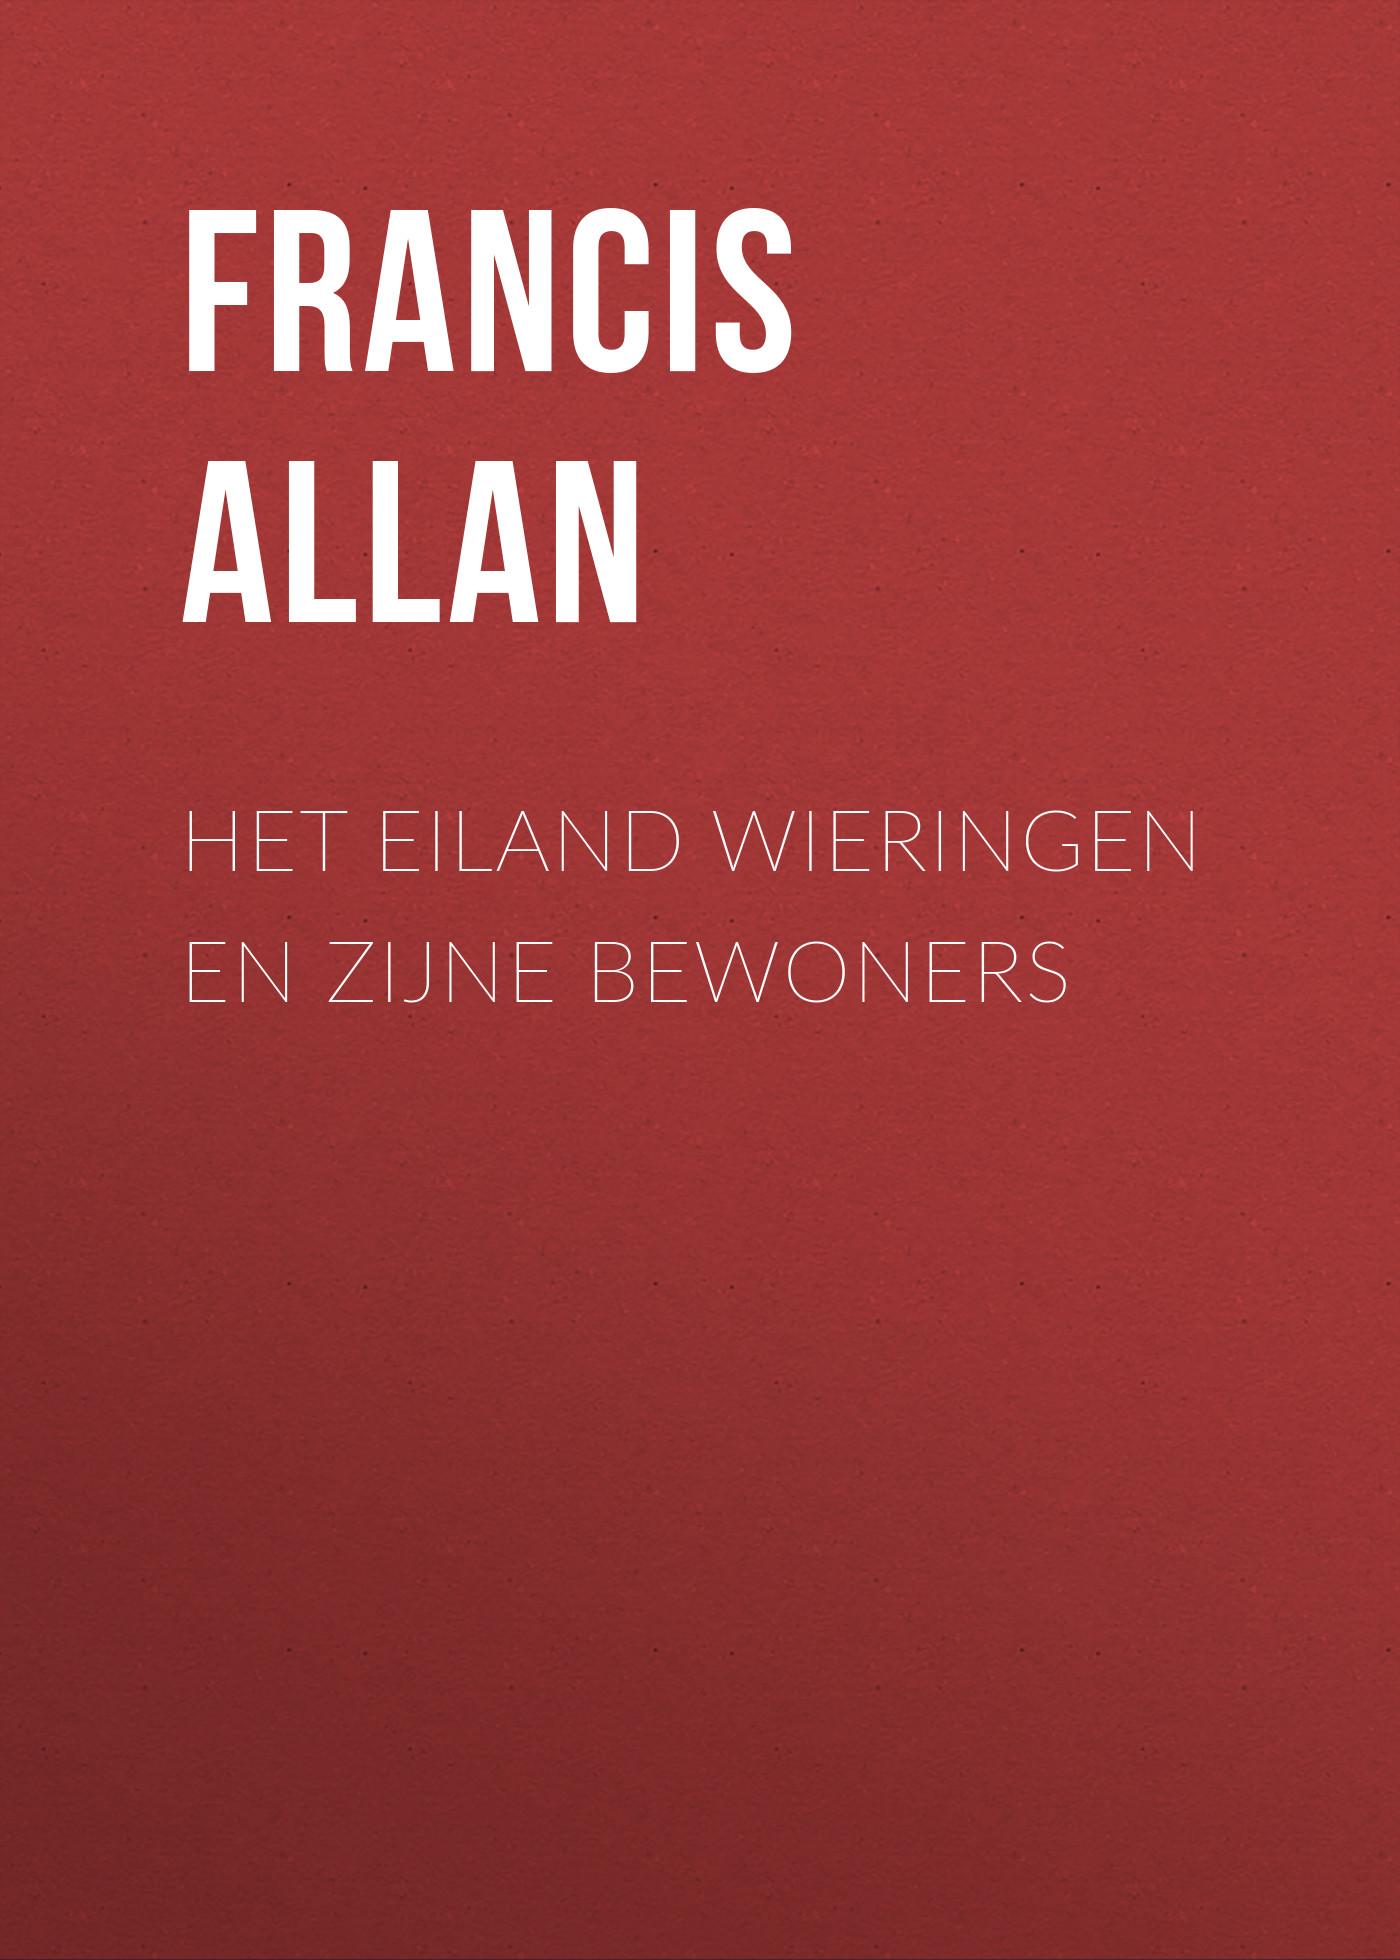 Allan Francis Het Eiland Wieringen en Zijne Bewoners kardec allan vaimude raamat